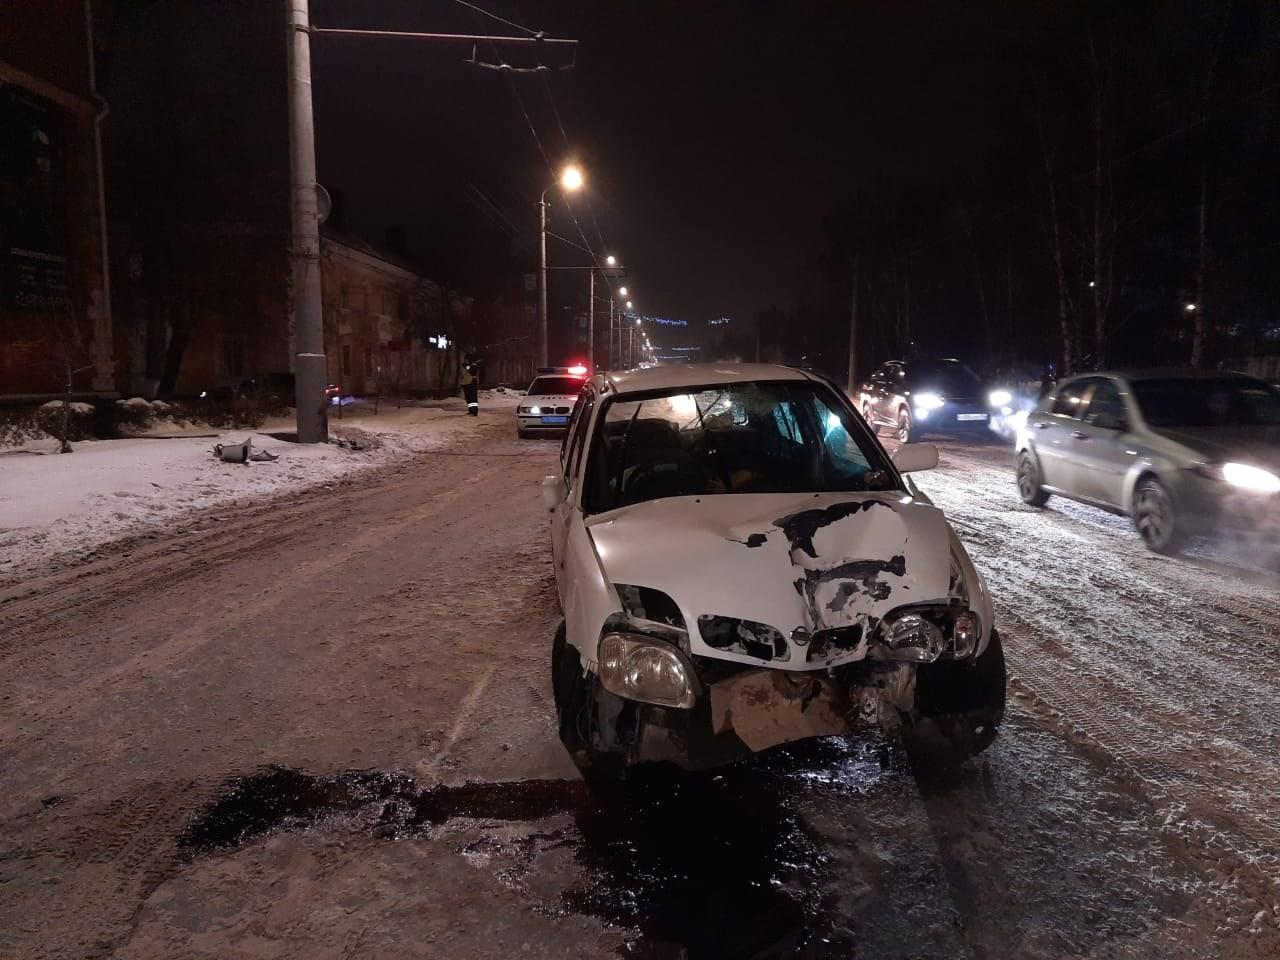 Трое детей оказались в больнице после столкновения малолитражки со столбом в Омске #Новости #Общество #Омск